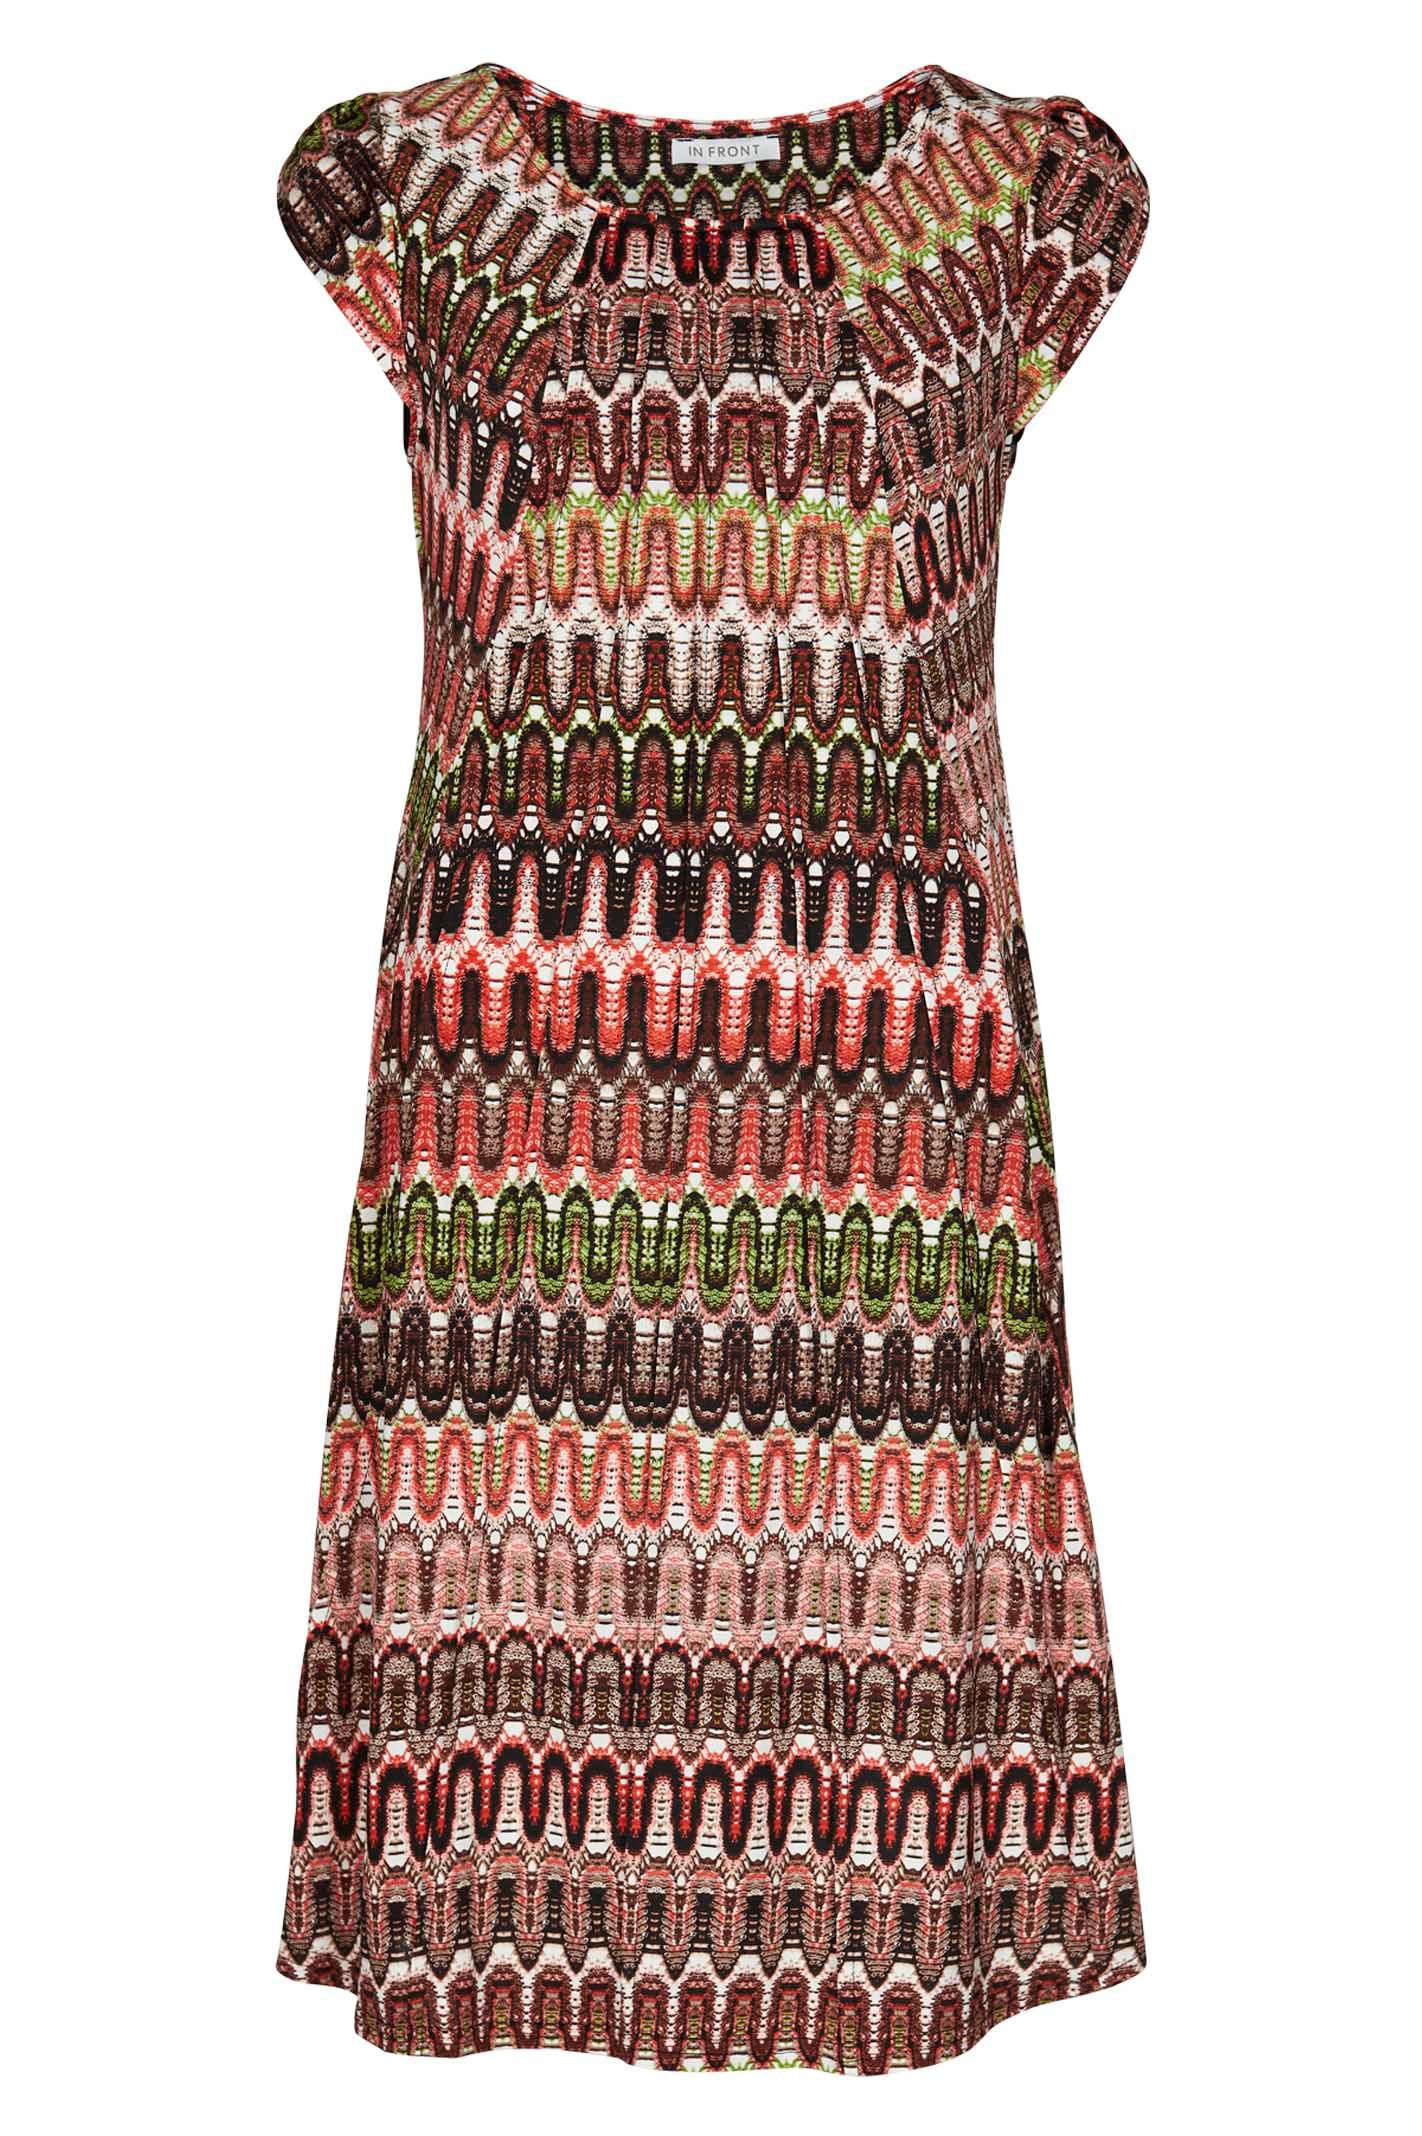 IN FRONT Lucette dress 13903 Burnt desert